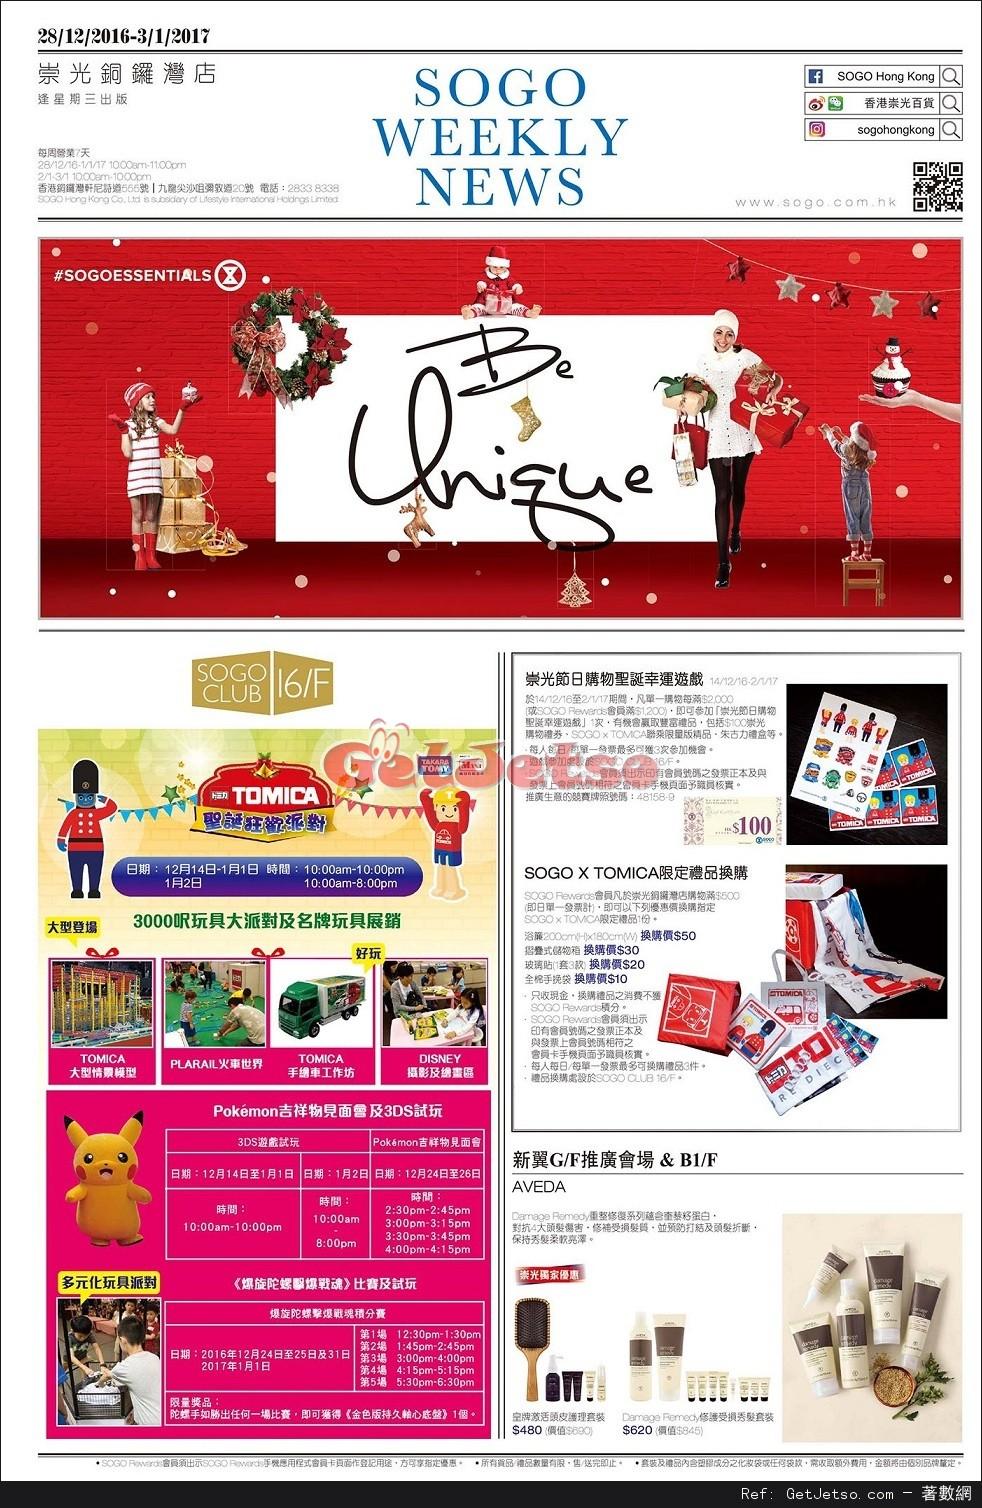 銅鑼灣崇光百貨名牌服飾低至2折及日本元旦食品展購物優惠(至17年1月3日)圖片1